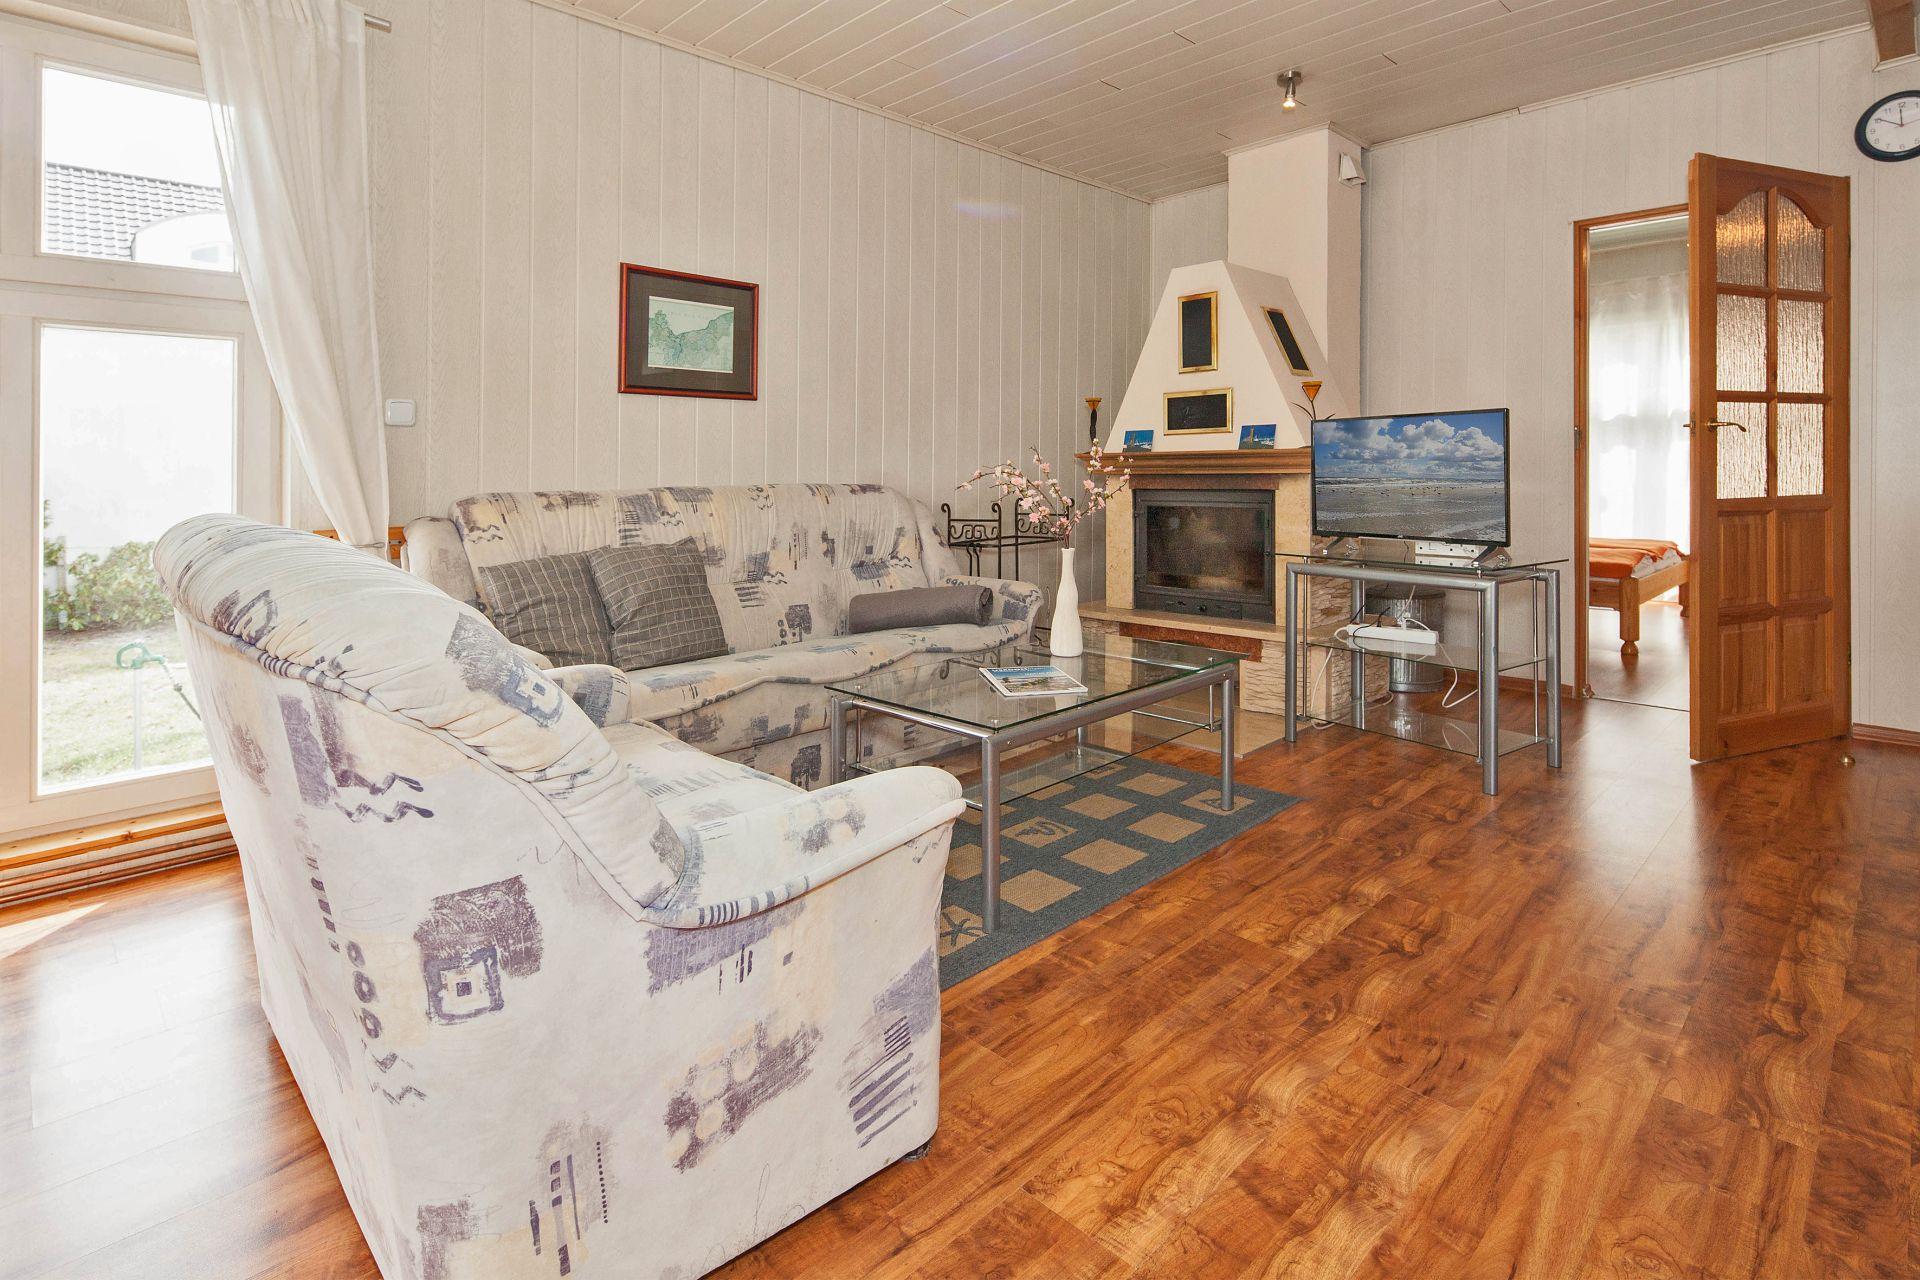 IMG 8128 Aufnachusedom Ferienwohnung Ferienhaus und Meehr Ahlbeck Bansin Usedom Insel 17 - Ferienhaus Ahlbeck